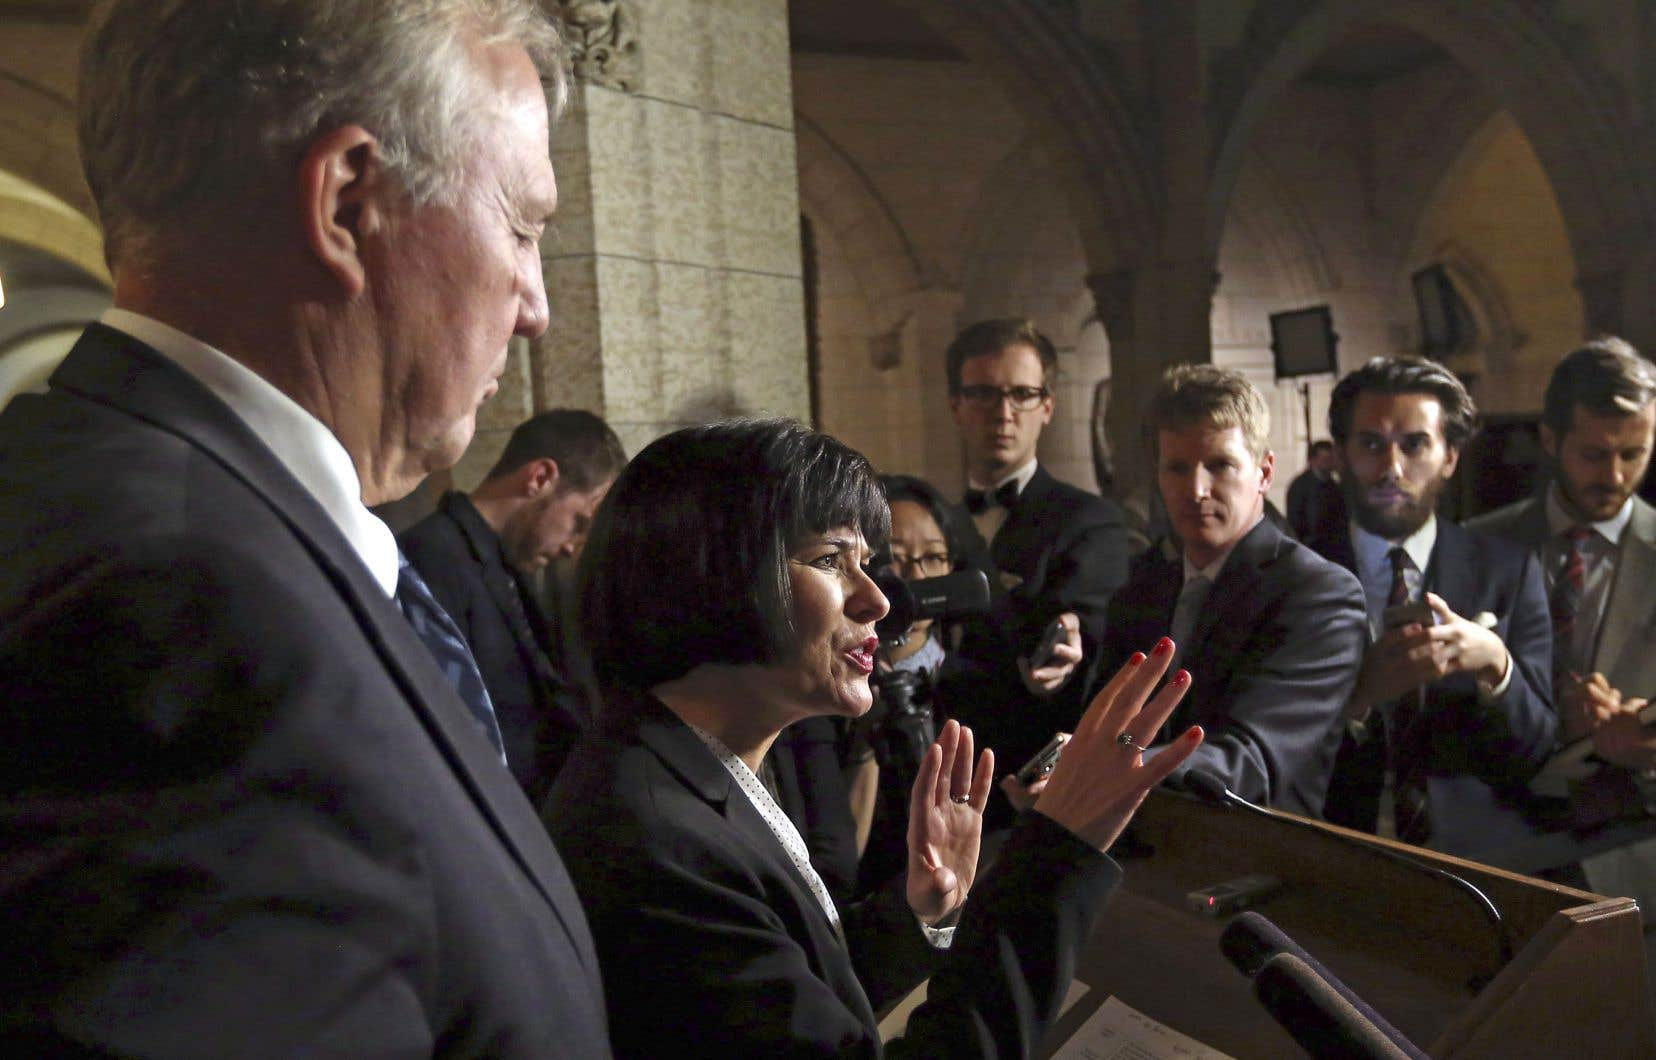 La ministre canadienne de la Santé, Ginette Petitpas-Taylor, répond aux questions des journalistes au sujet des règles entourant la production et la distribution du cannabis.